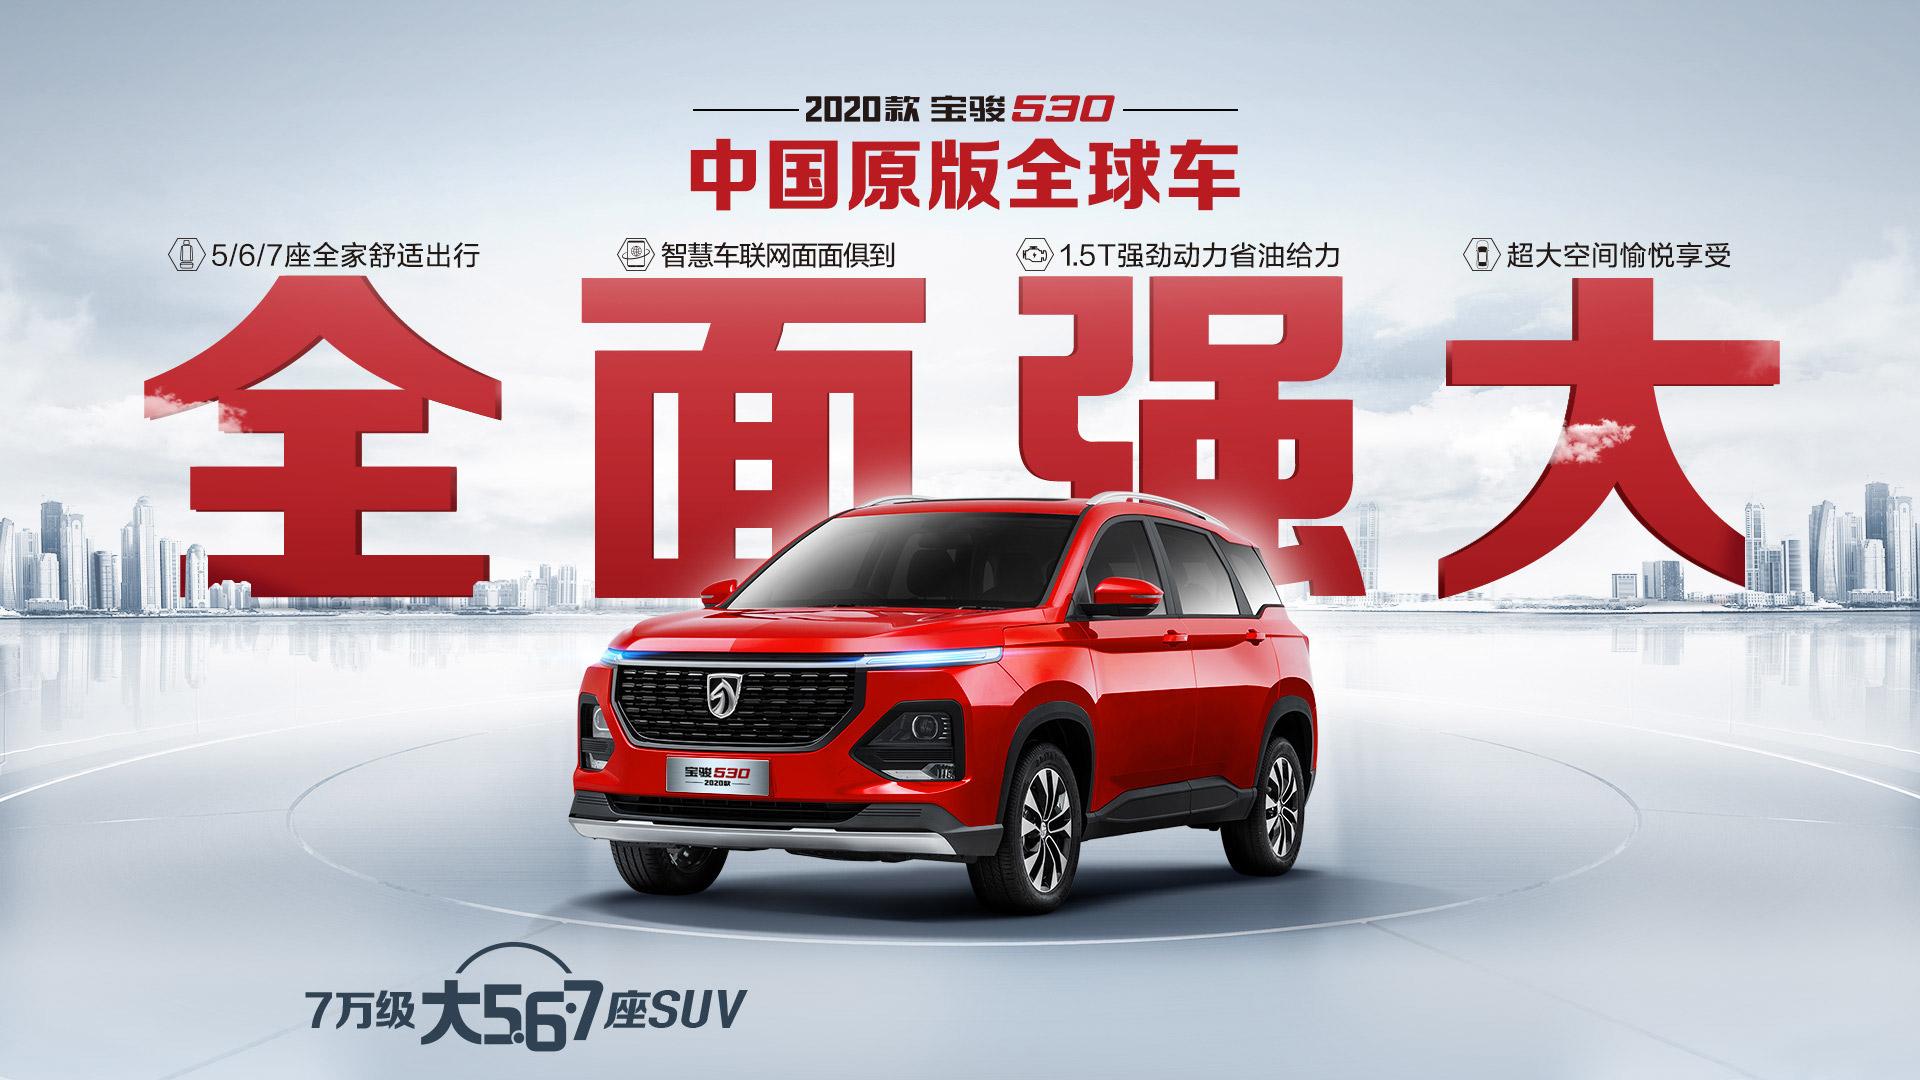 寶(bao)駿530,2020款,中(zhong)國原(yuan)版(ban)全(quan)球車,五座,六座,七座